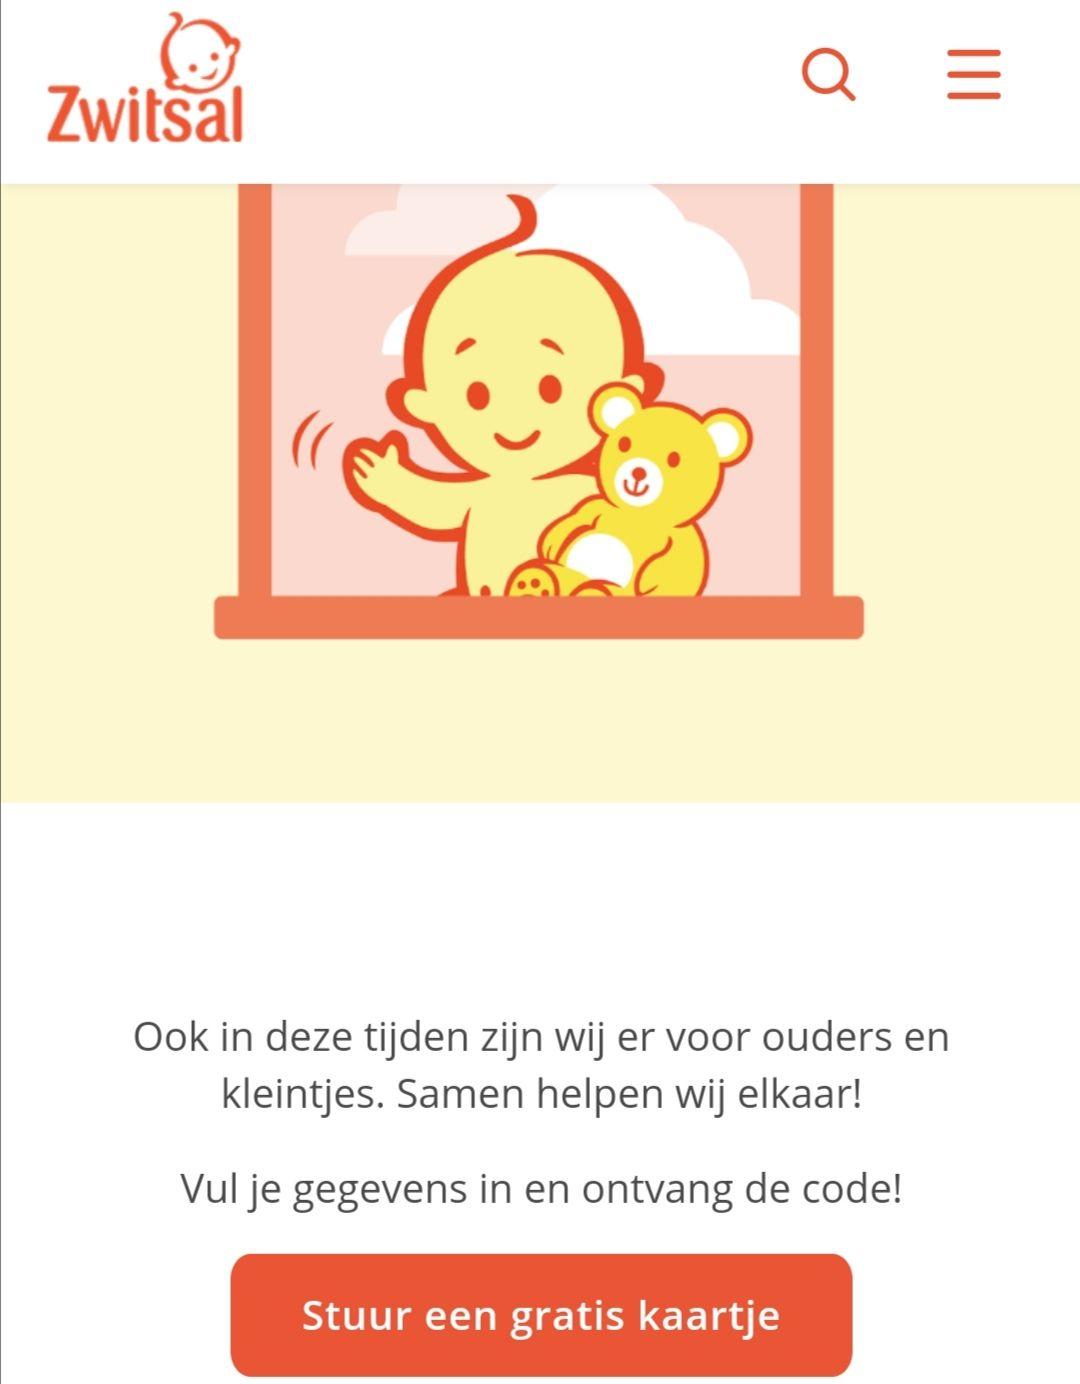 Gratis een kaartje versturen naar kersverse ouders die het verdienen @ Zwitsal Nederland